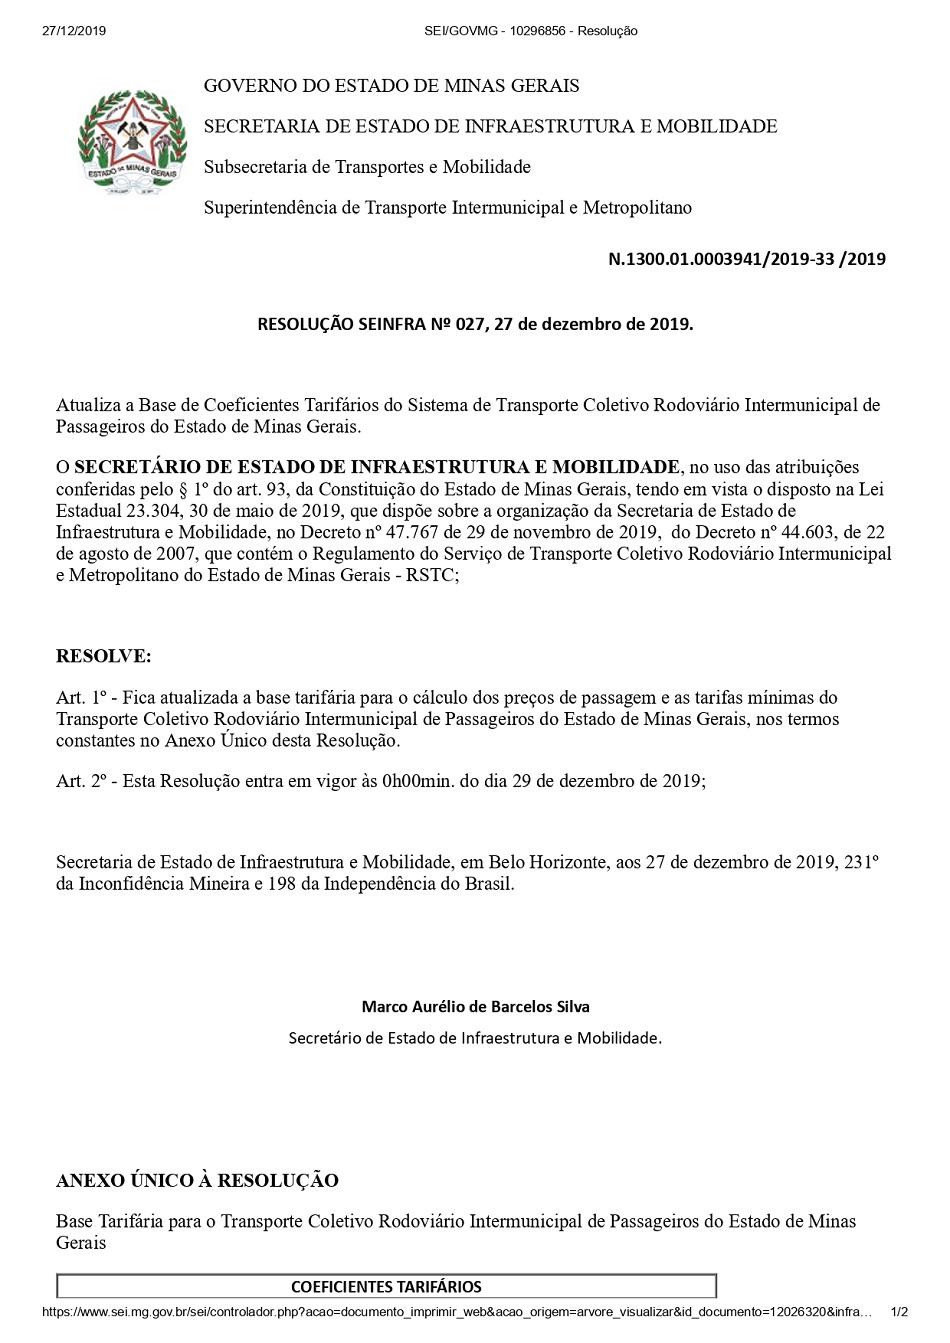 Resolucao-SEINFRA-027-2019_01